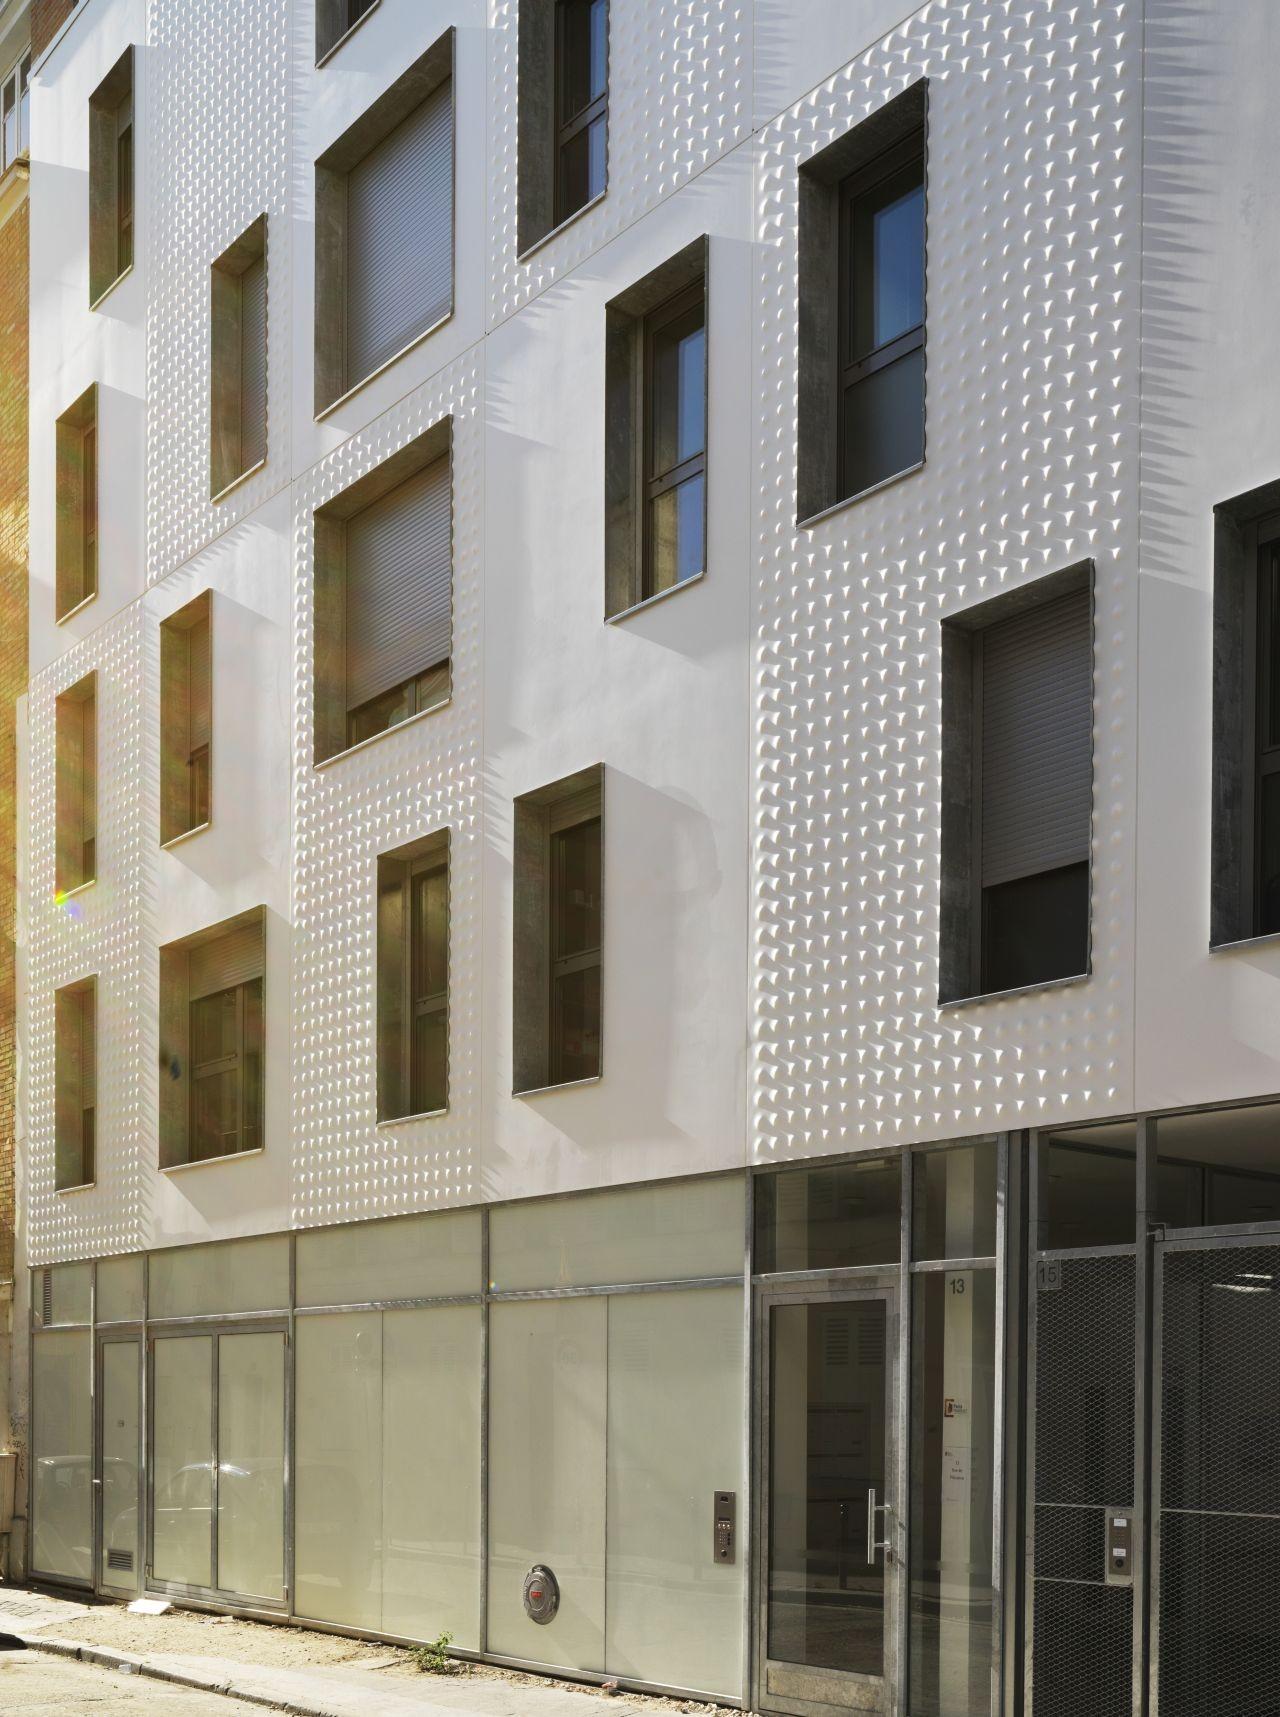 Thermopyles / SOA Architectes